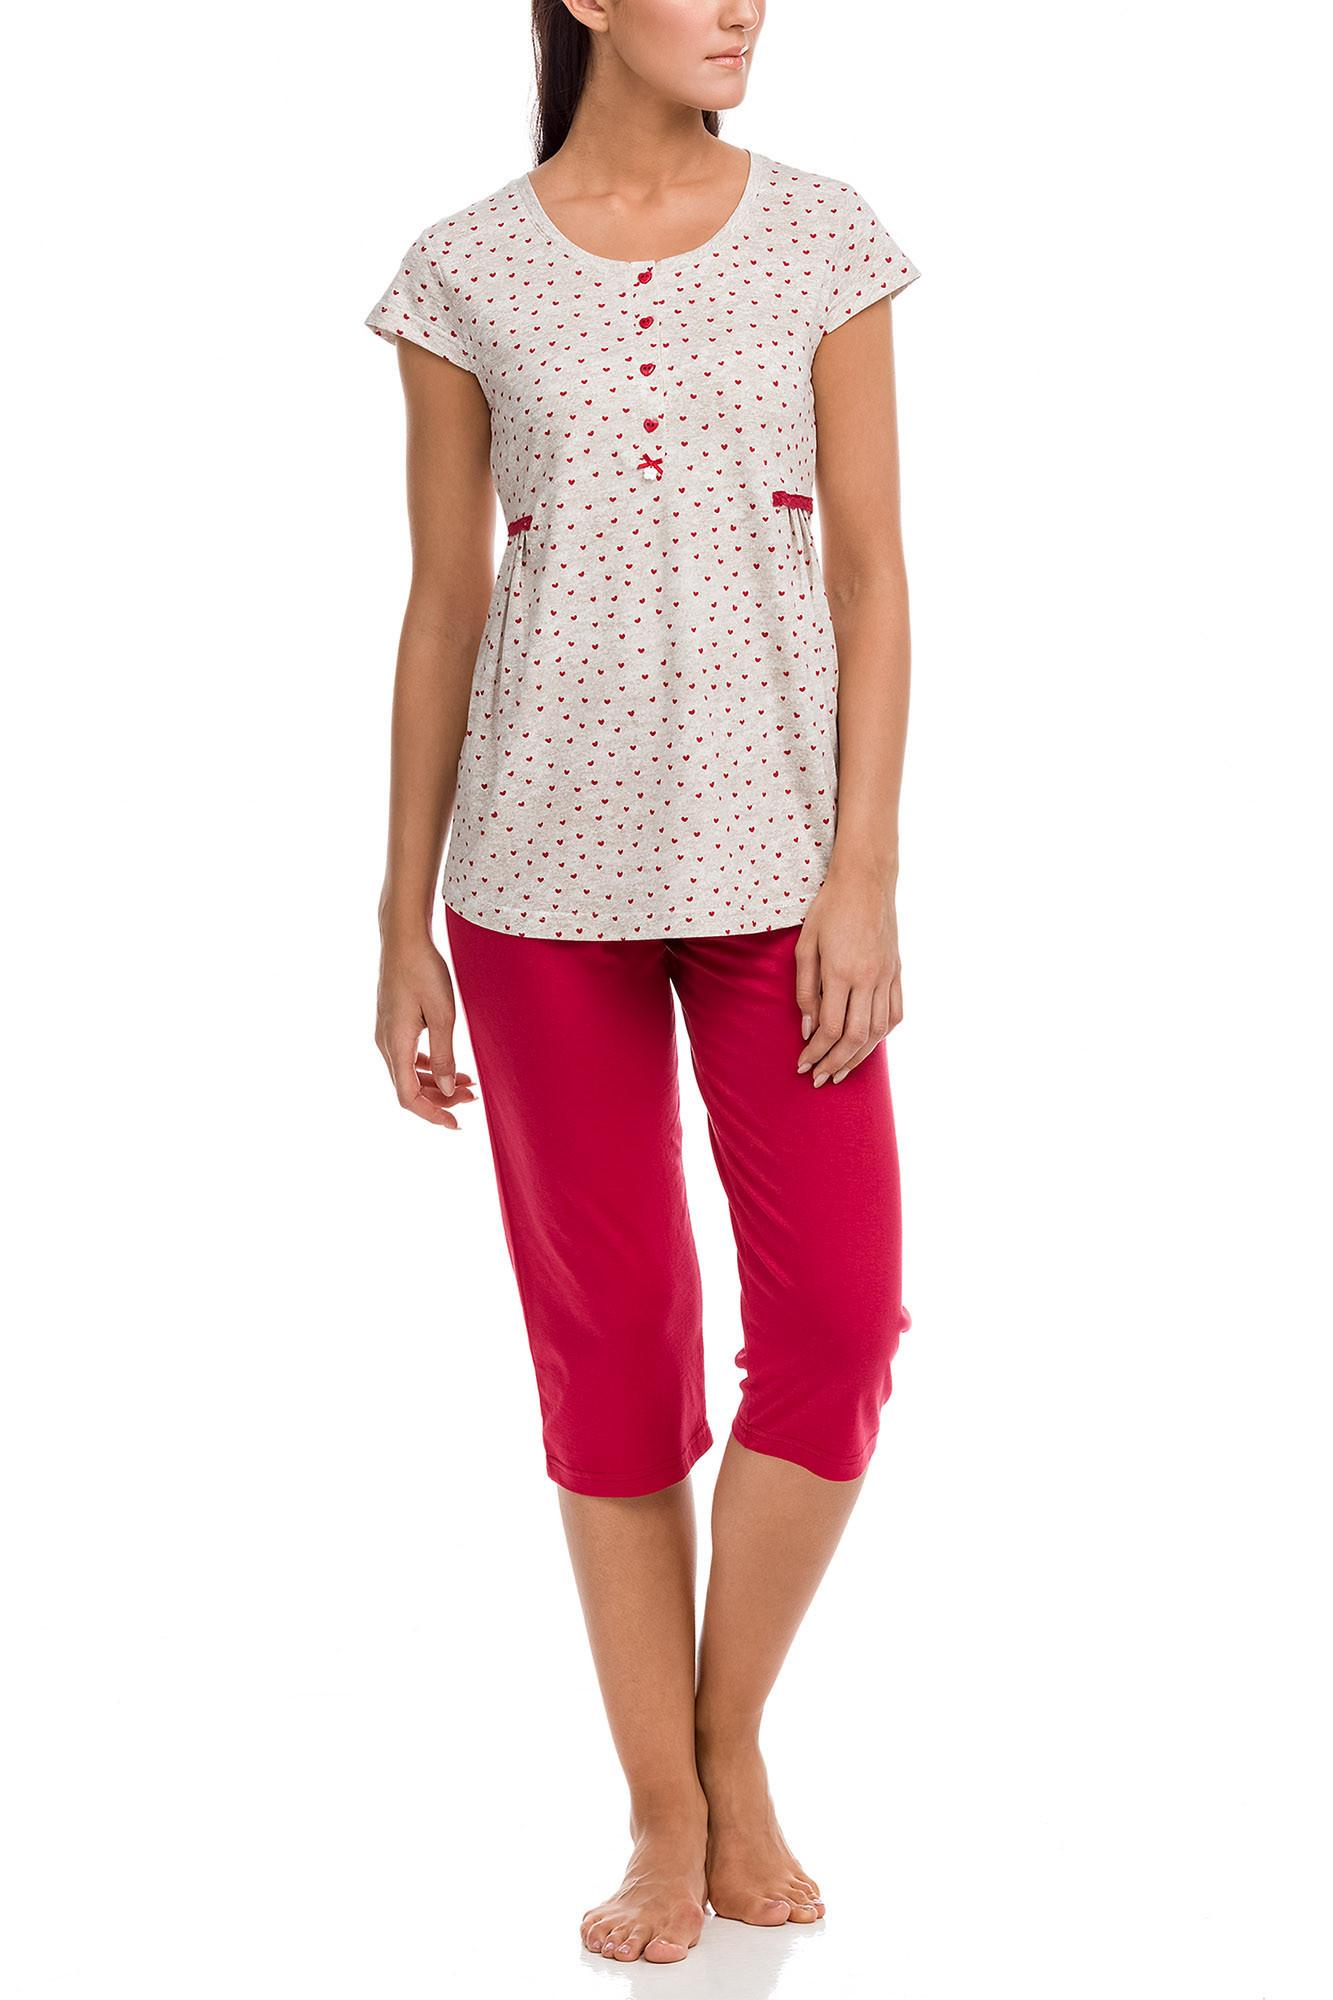 Vamp - Dámske pyžamo 12093 - Vamp beige 4XL